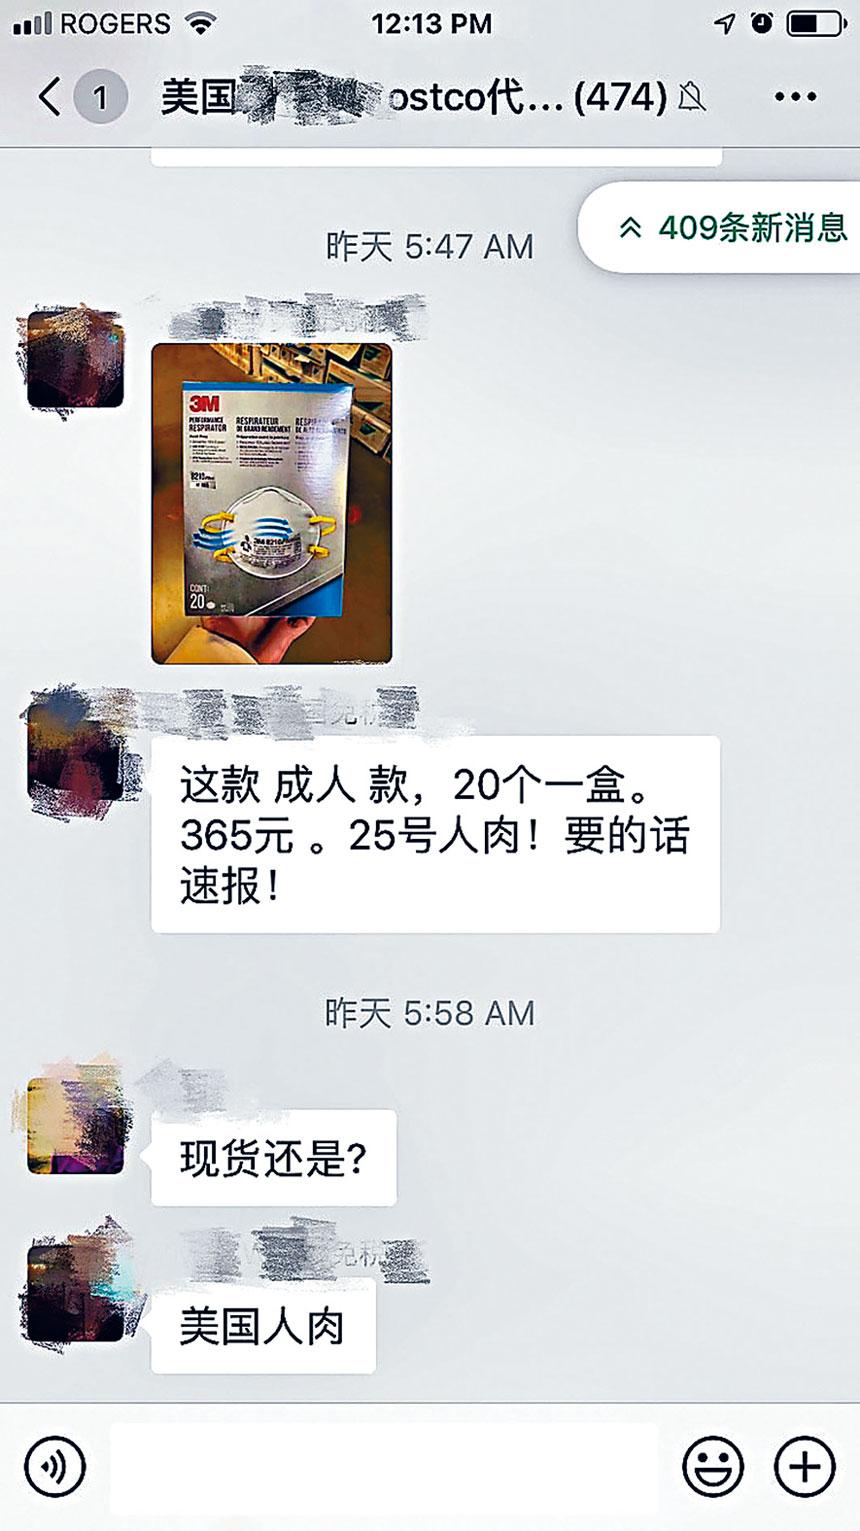 代購在微信將售價22美元一盒的口罩轉賣為365元人民幣(約52美元)。網絡圖片